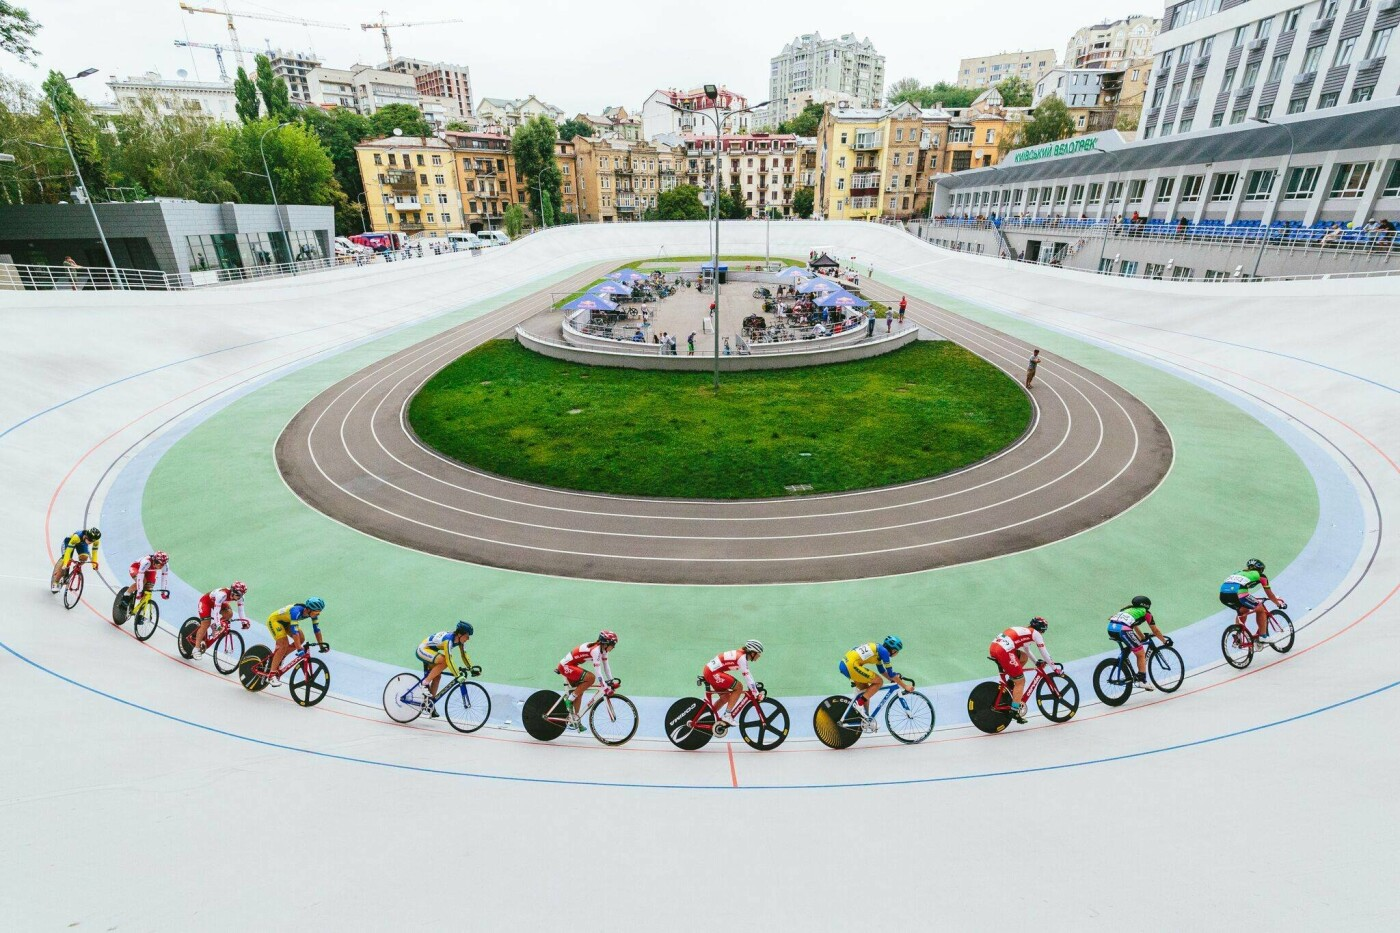 Киевский велотрек: цена за вход, как доехать, ФОТО, Фото: Киевский Велотрек